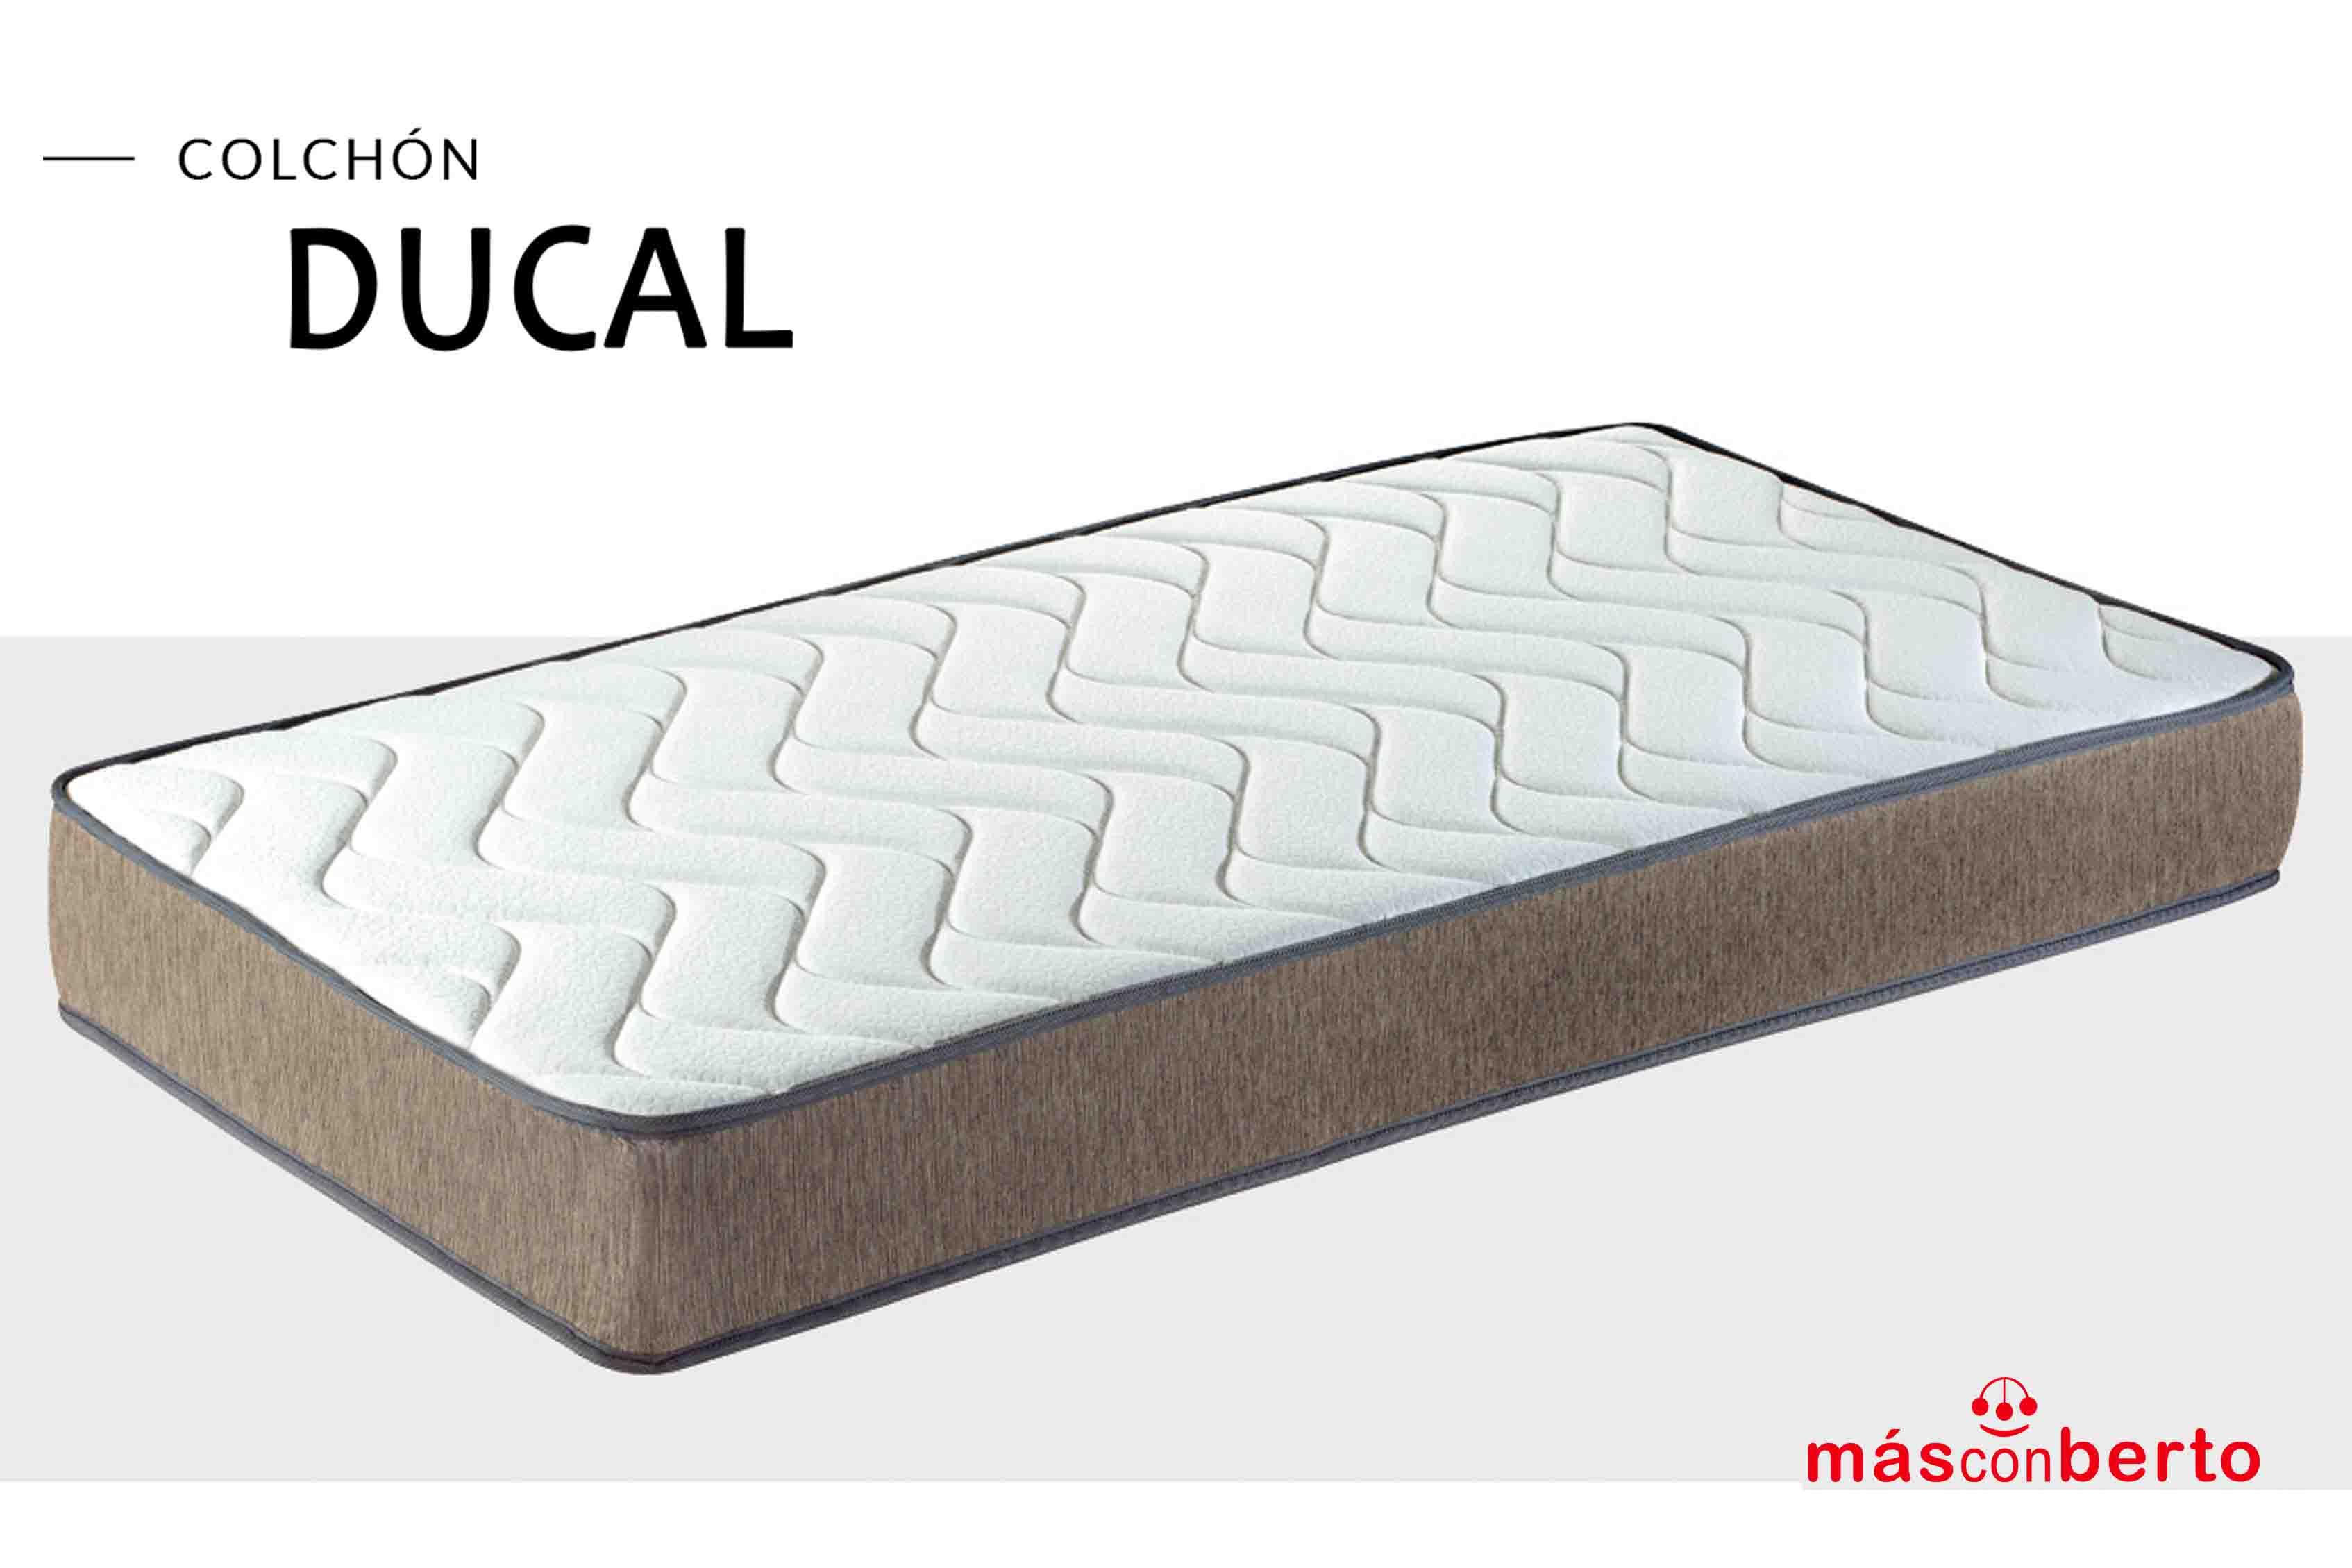 Colchon Ducal 135x190